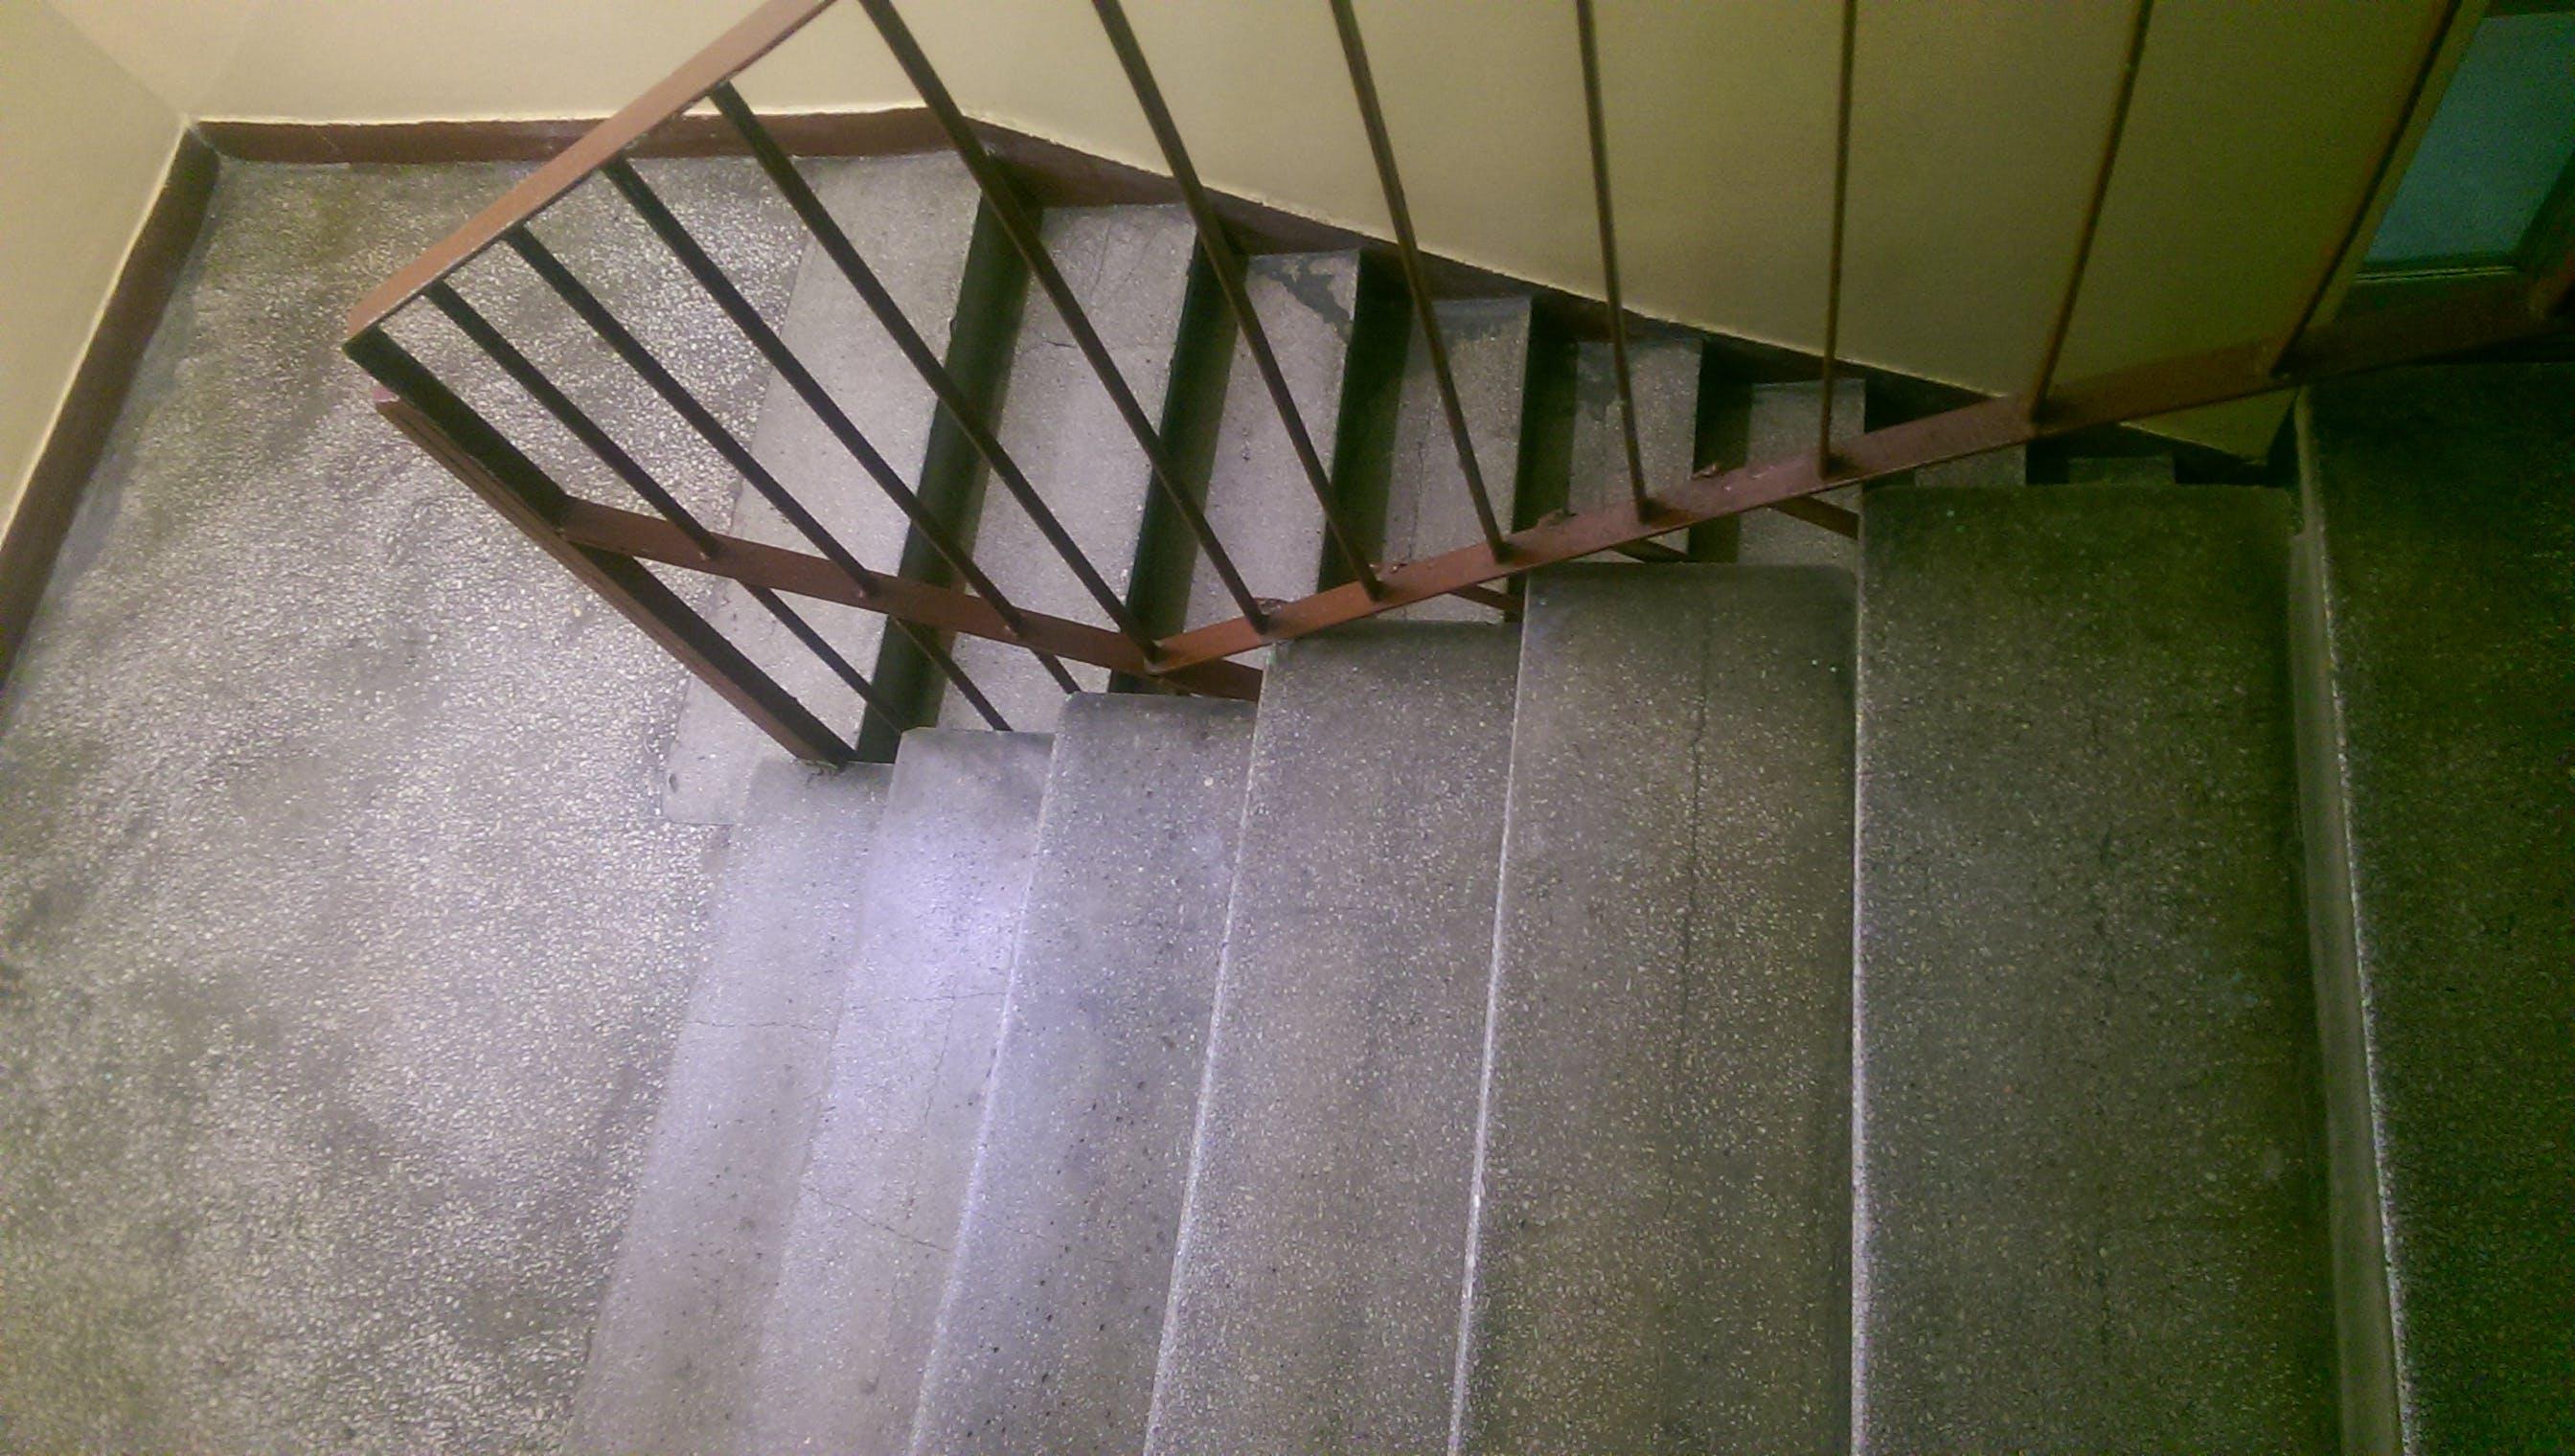 Free stock photo of night, theme staircase